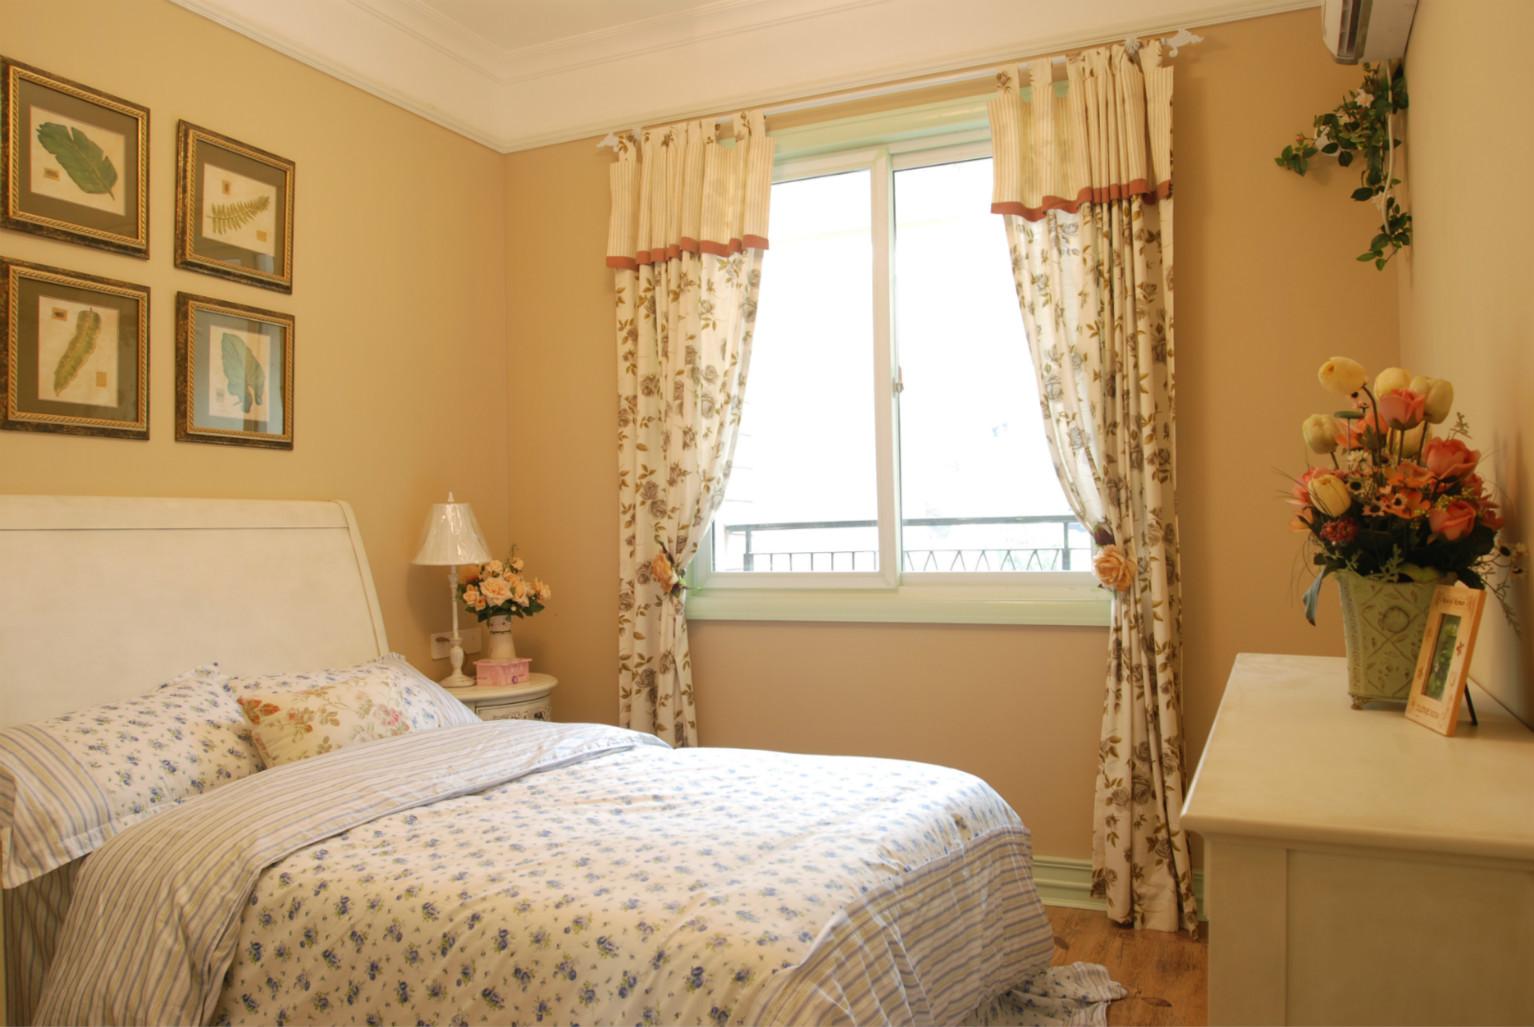 卧室也是比较温馨淡雅的,浅色布置,随处可见的碎花窗帘以及床单,桌上还摆有一盆小花。